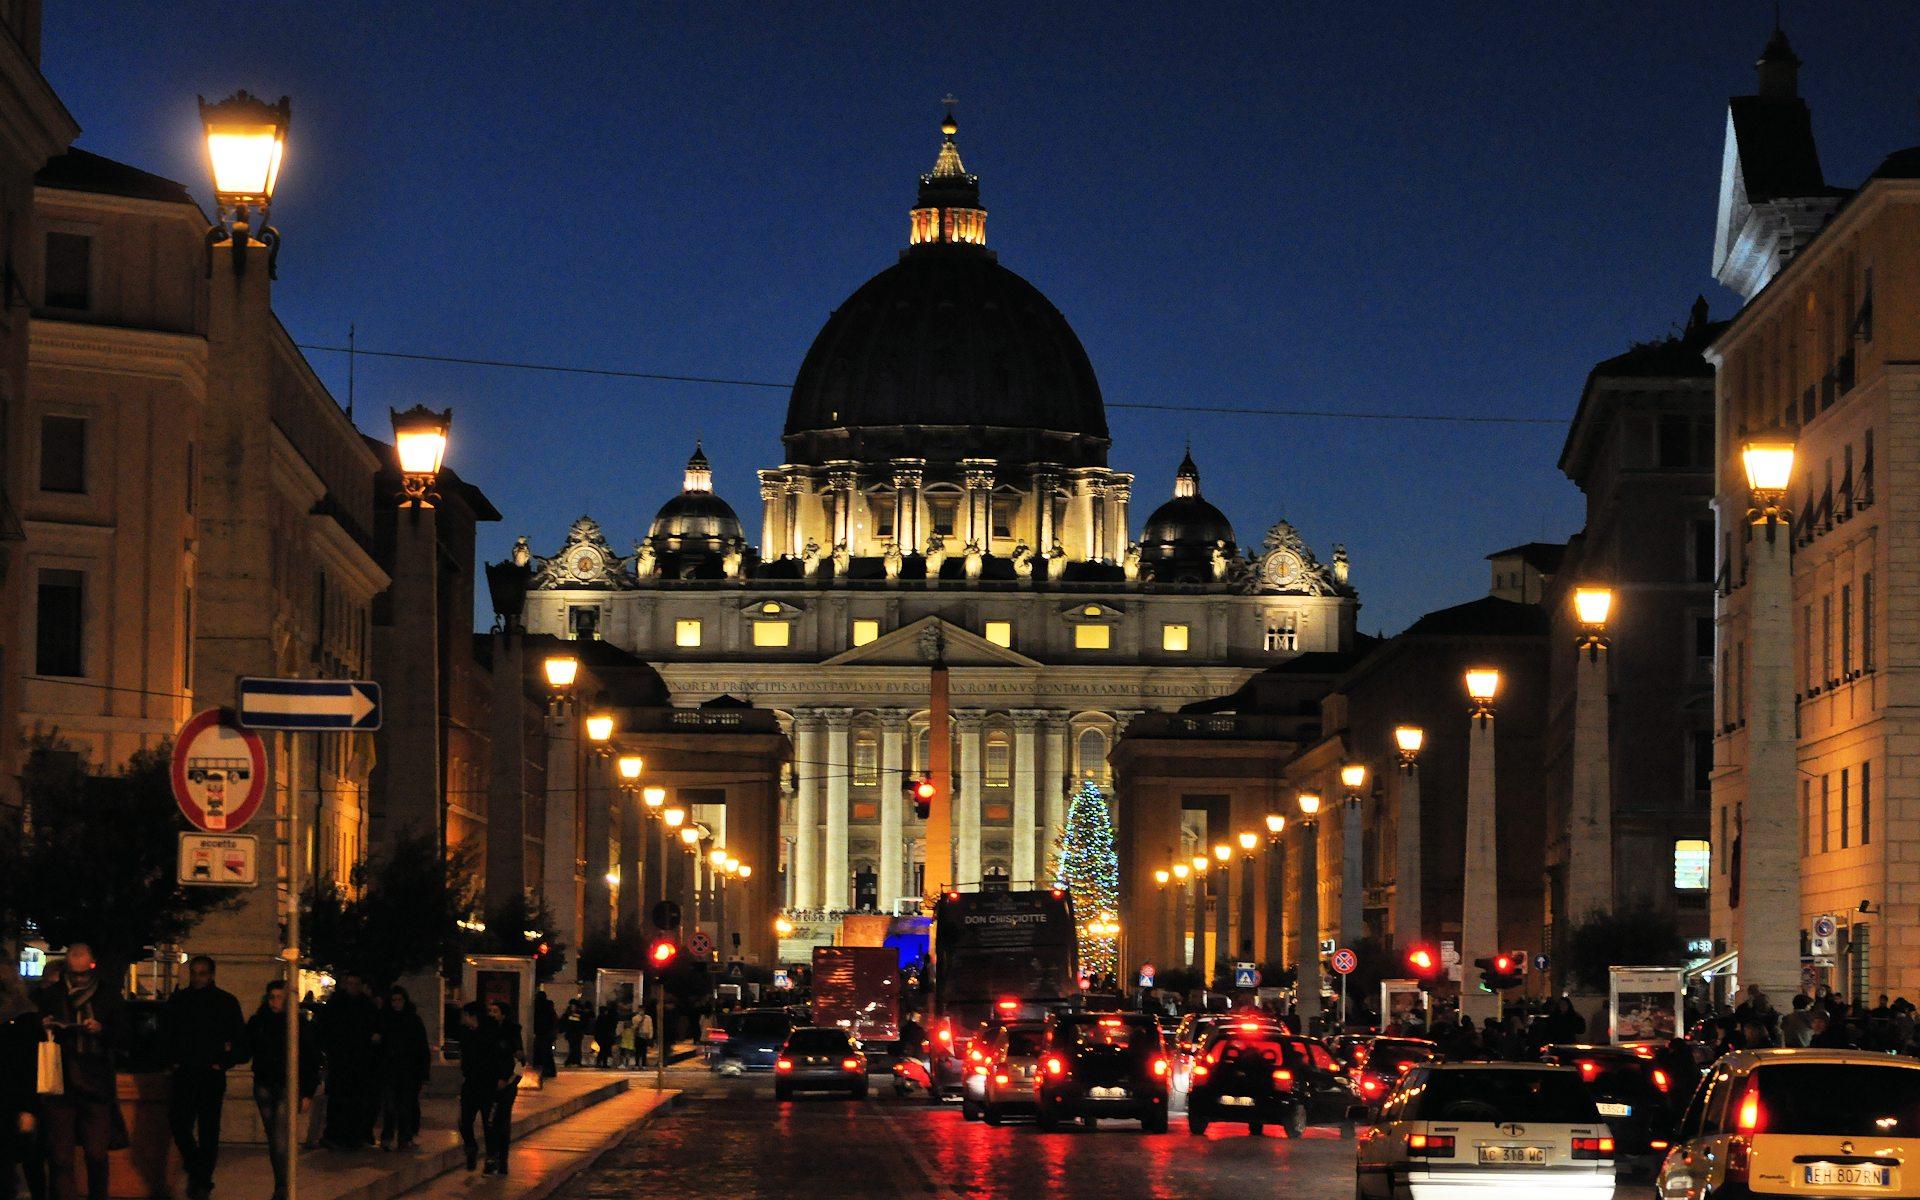 サン・ピエトロ大聖堂の画像 p1_37